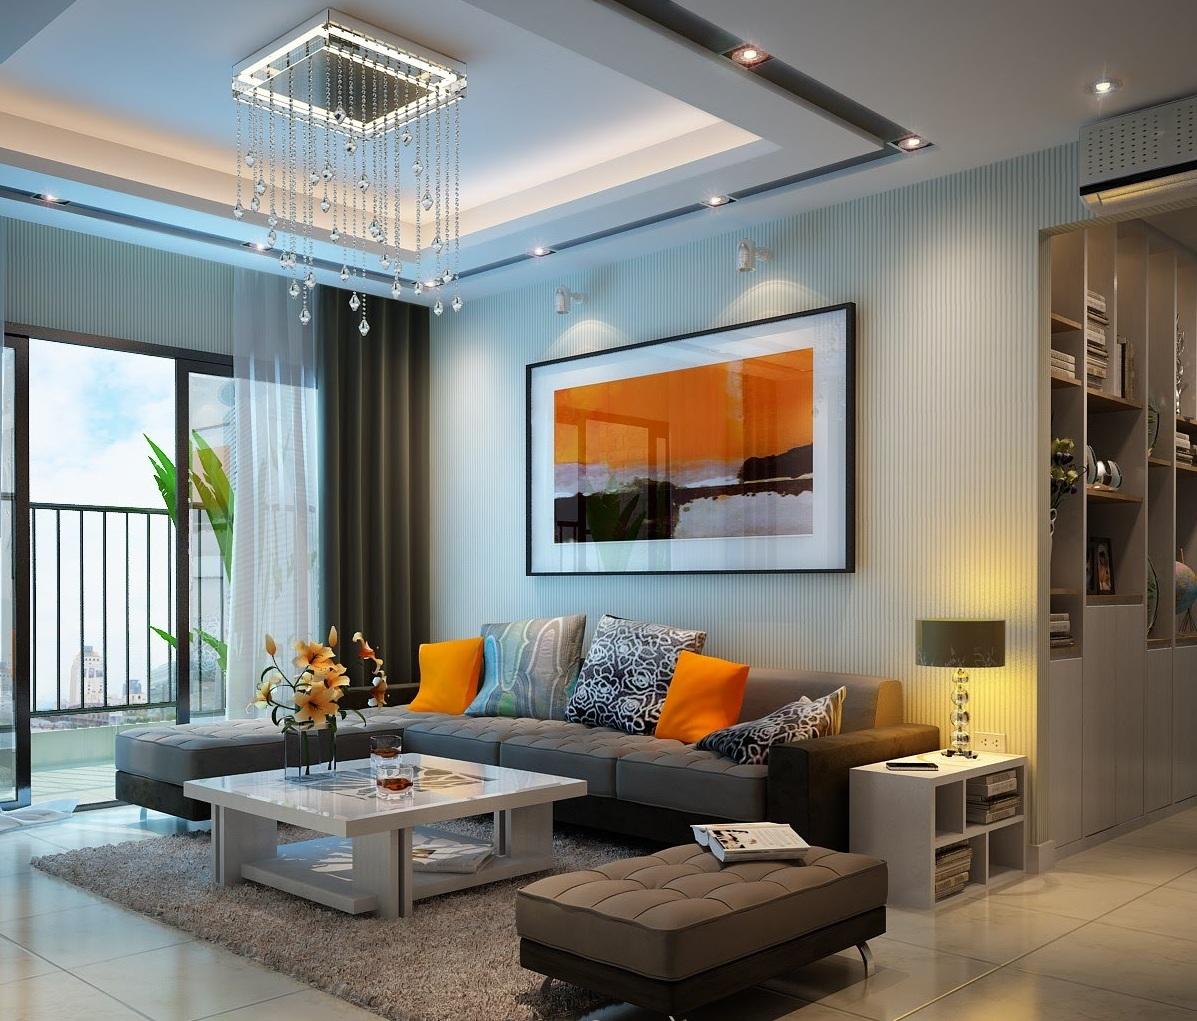 mẫu trần thạch cao đẹp nhất dành cho phòng khách-5